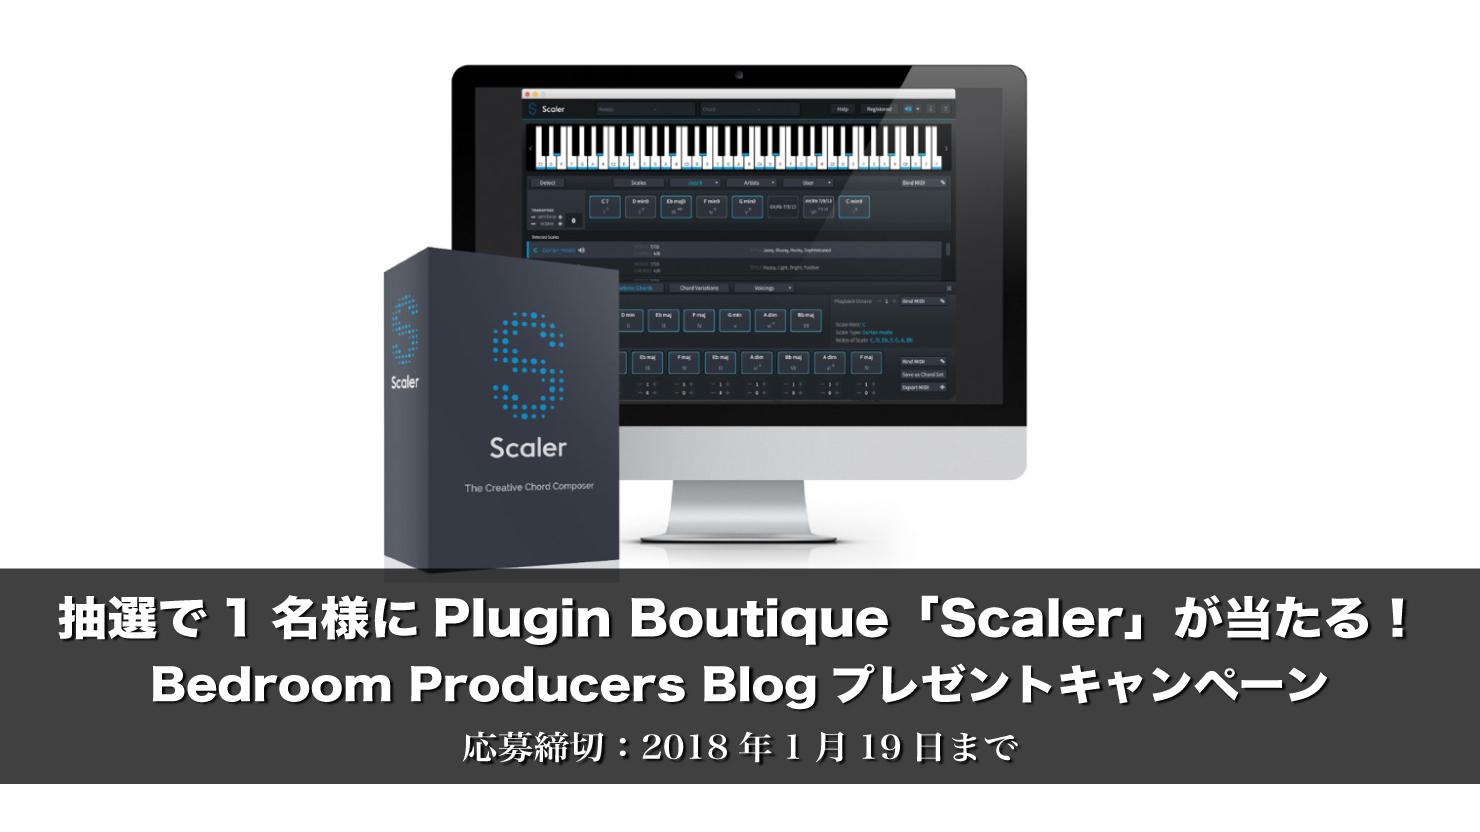 【応募締切 1月19日まで】抽選で1名様にPlugin Boutique「Scaler」が当たる!BPBプレゼントキャンペーン